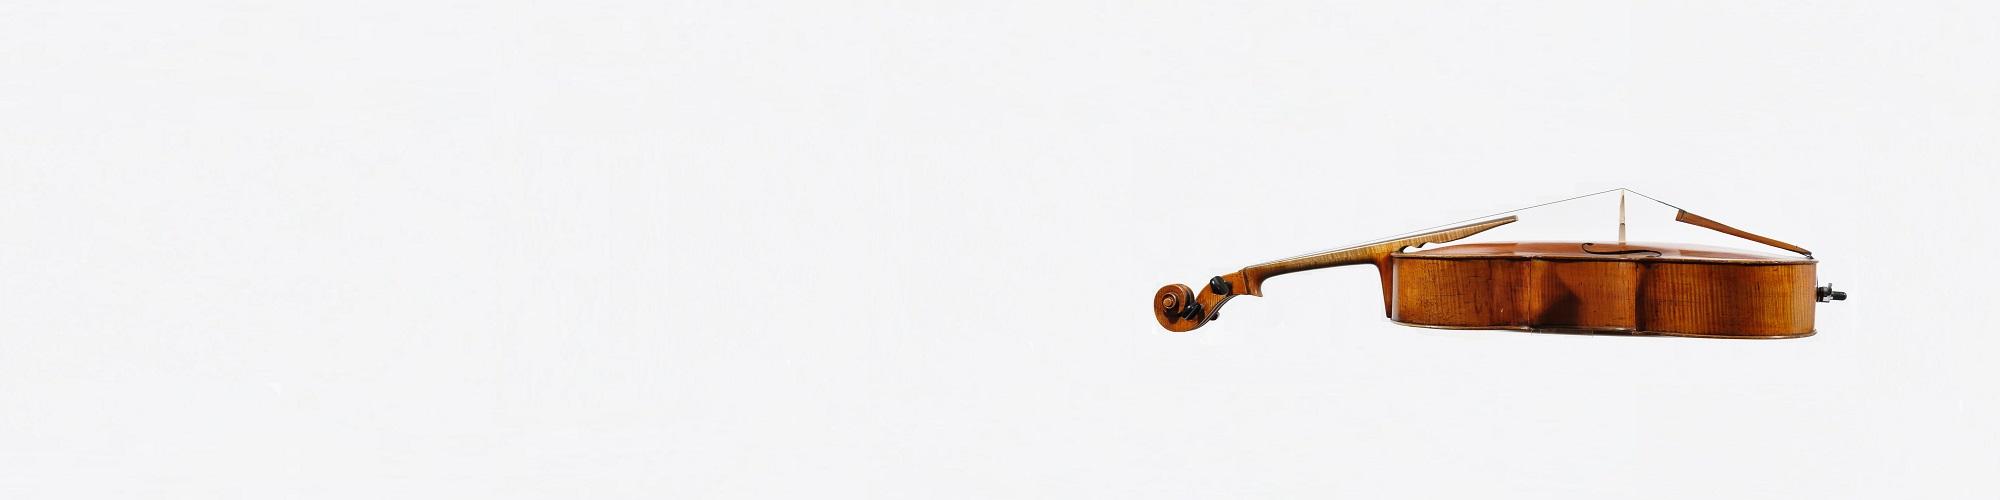 vioolhuren.nl viool - zijkant